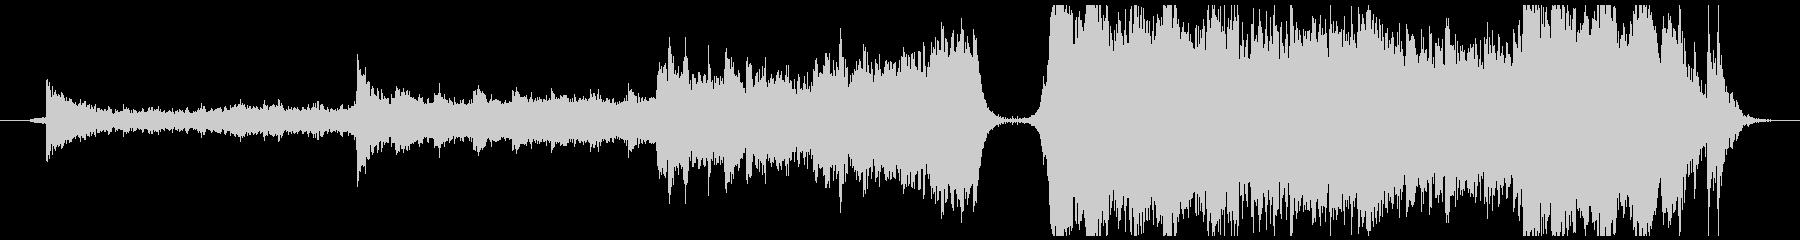 エピック系のバトル曲の未再生の波形